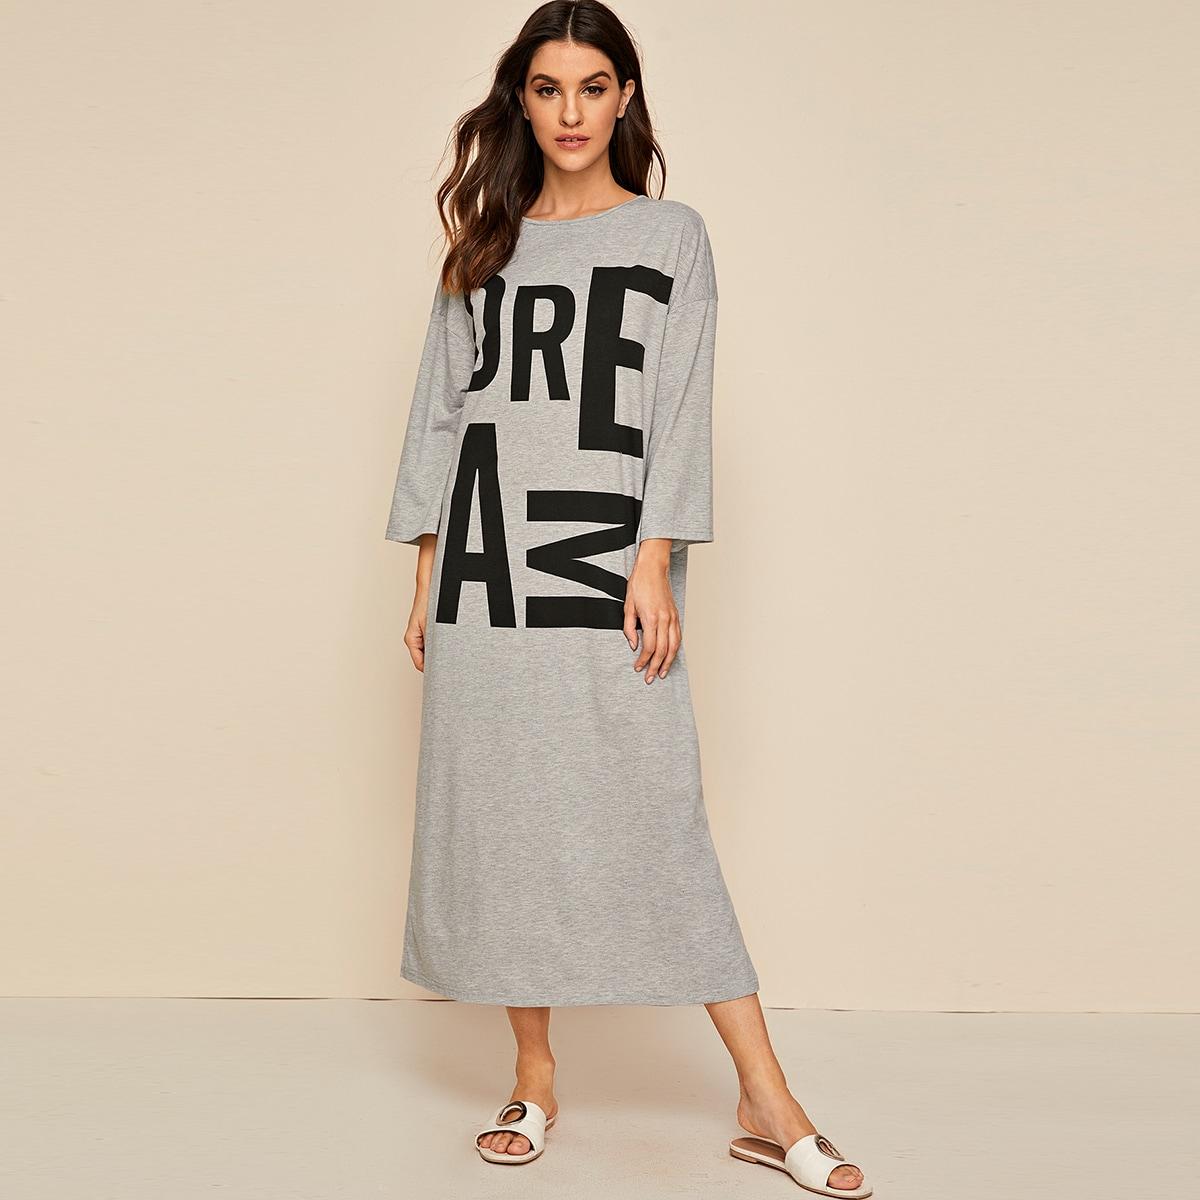 Ночная рубашка с текстовым принтом и разрезом